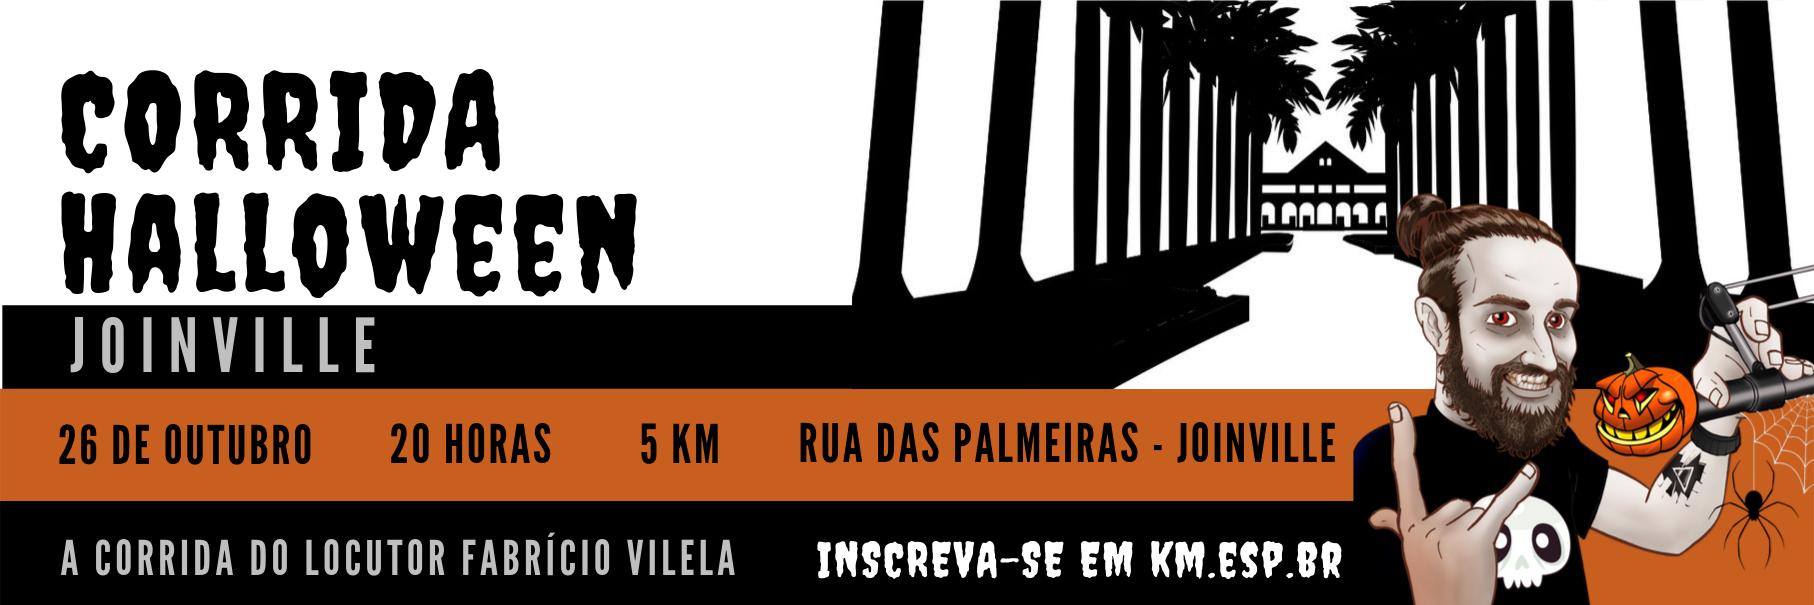 Últimos dias de inscrição para a Corrida Halloween Joinville